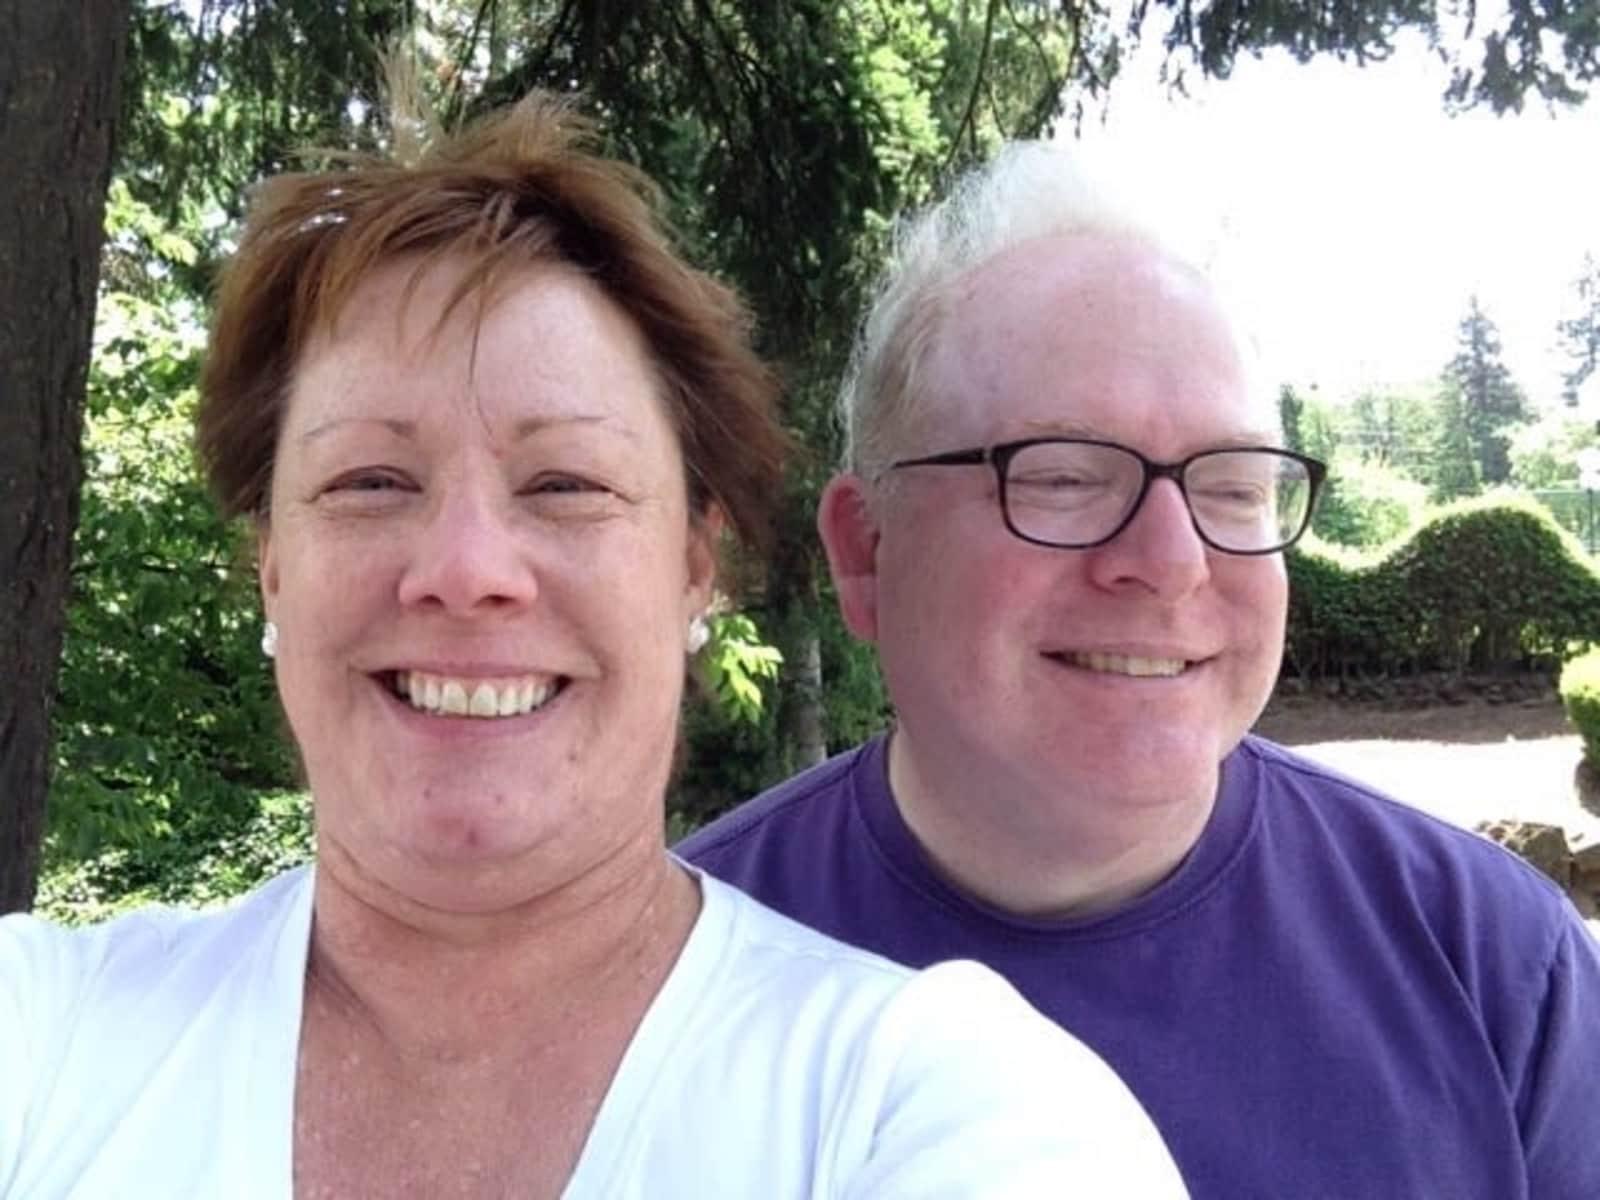 Kathy & Brian from Seattle, Washington, United States